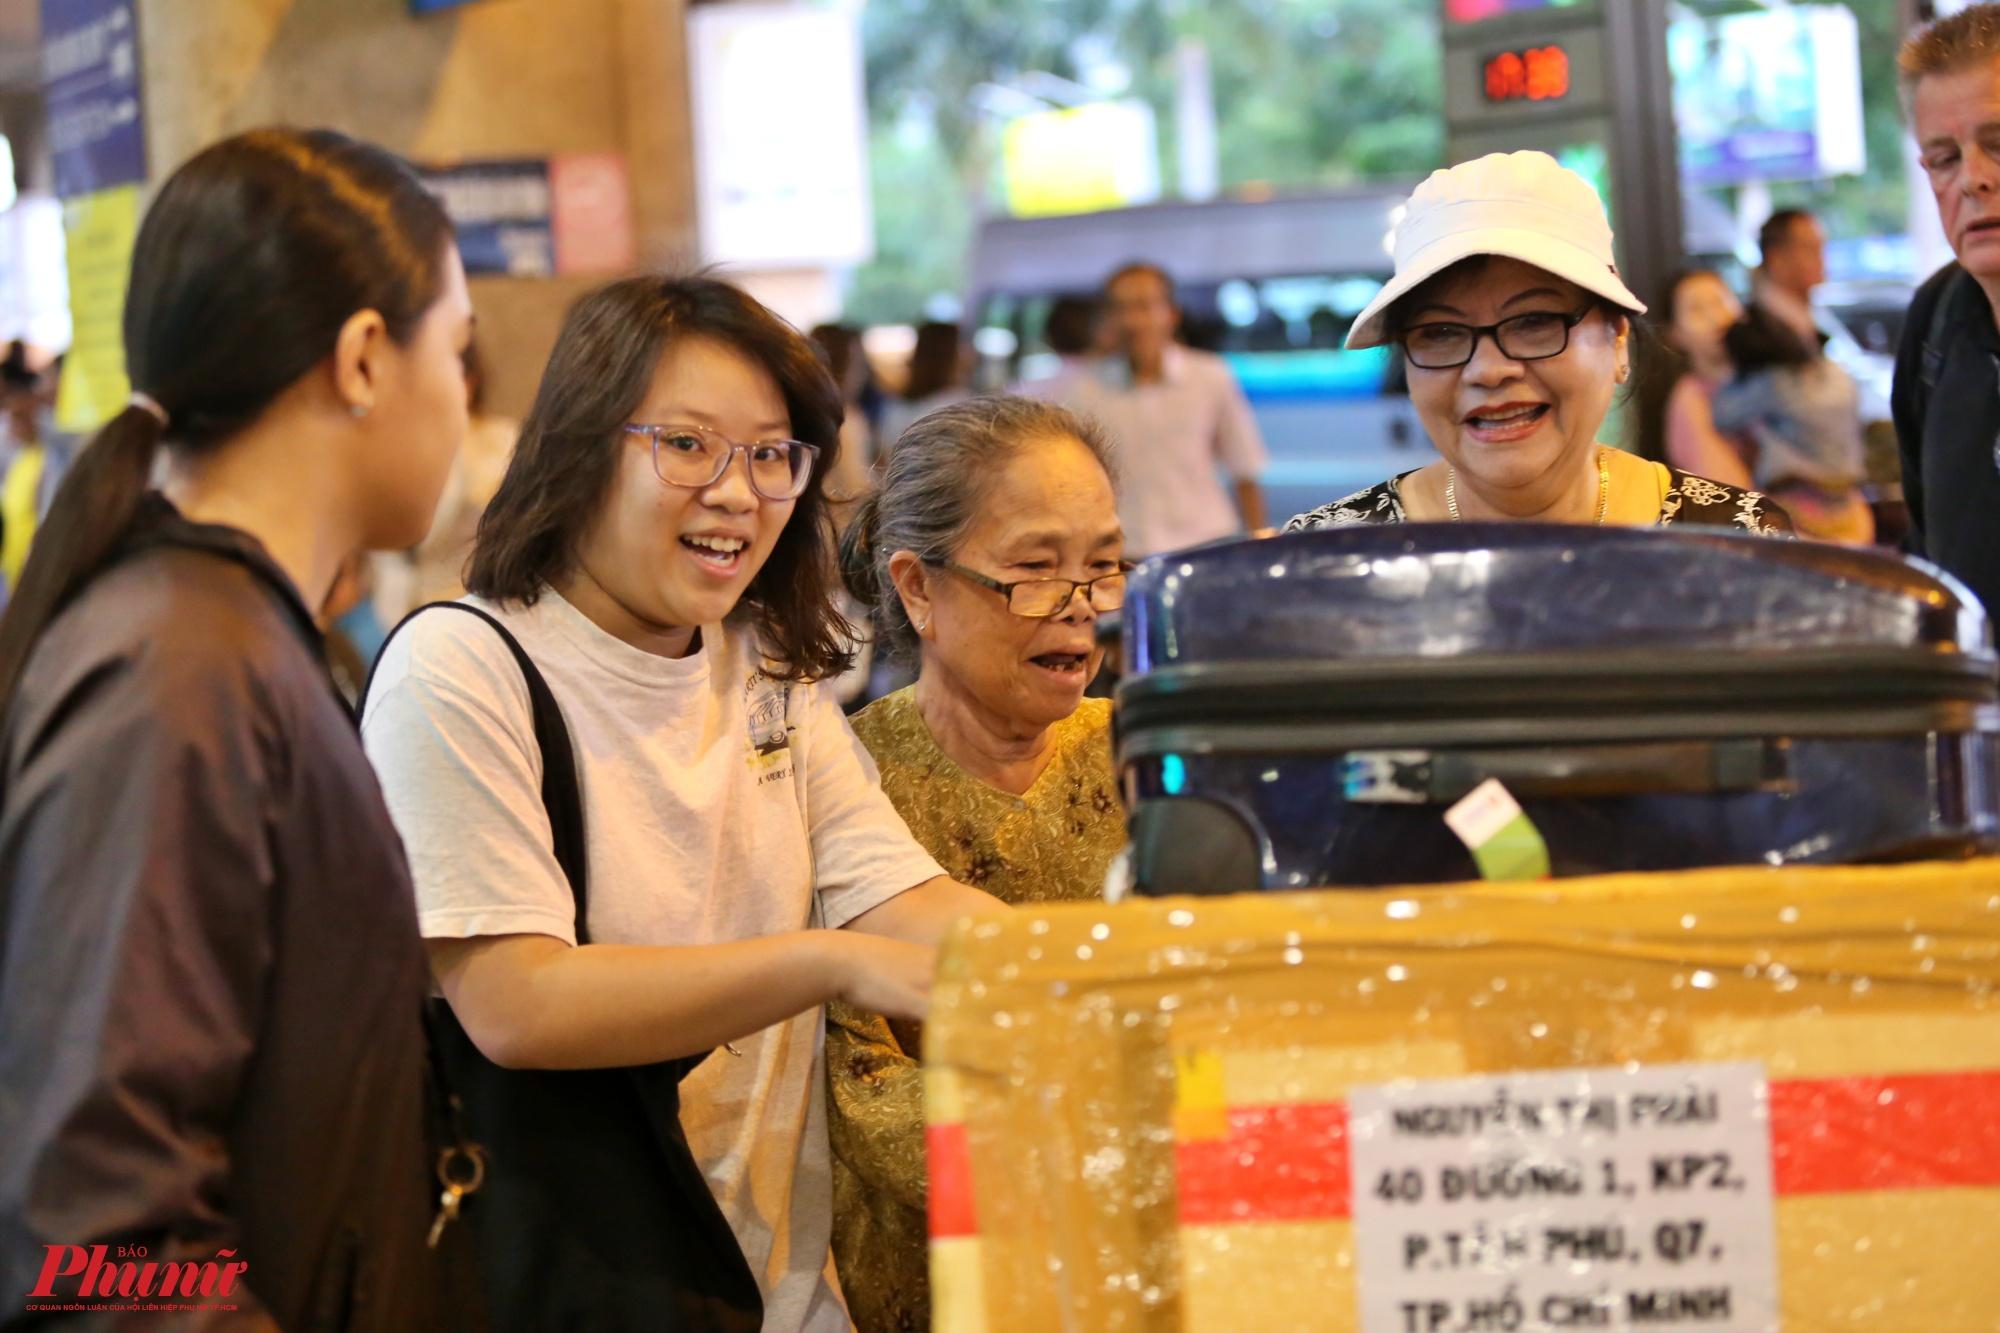 Gia đình bà Nguyễn Thị Phải ở quận 7,TP.HCM tươi cười hớn hở khi gặp lại người thân sau bao ngày xa cách.